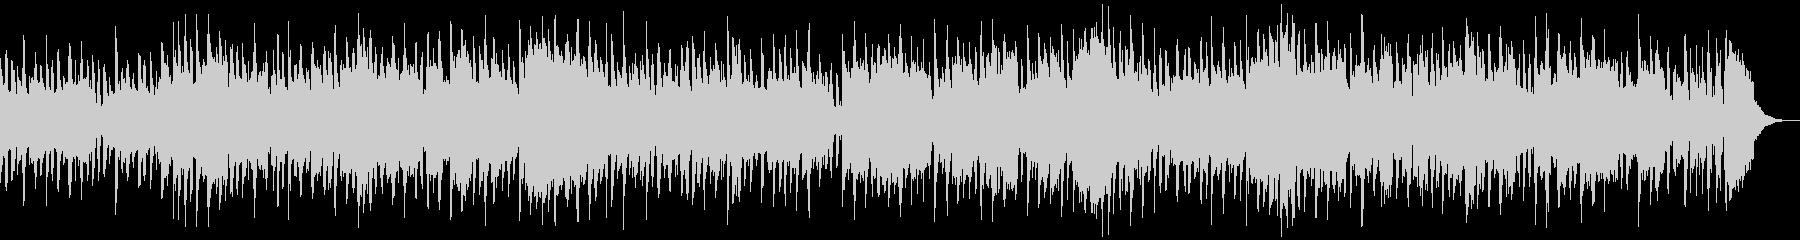 木琴メロディの明るいポップスの未再生の波形